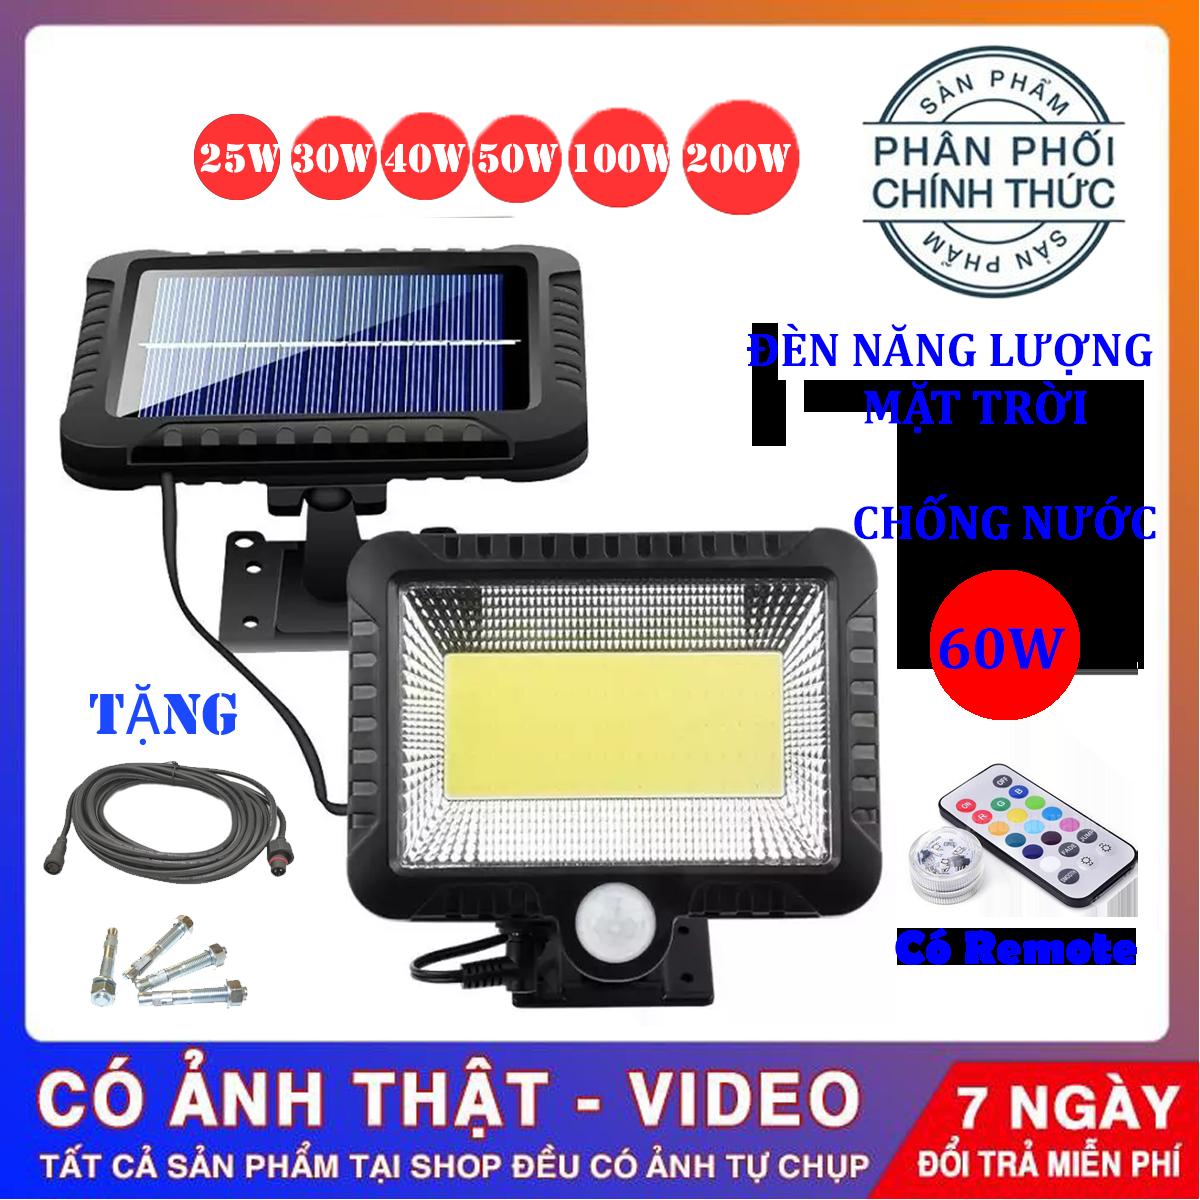 (Bảo Hành 12 tháng) Đèn năng lượng mặt trời 60W , Chống nước dùng trong cả mùa mưa , đèn năng lượng mặt trời có điều khiển( remote)